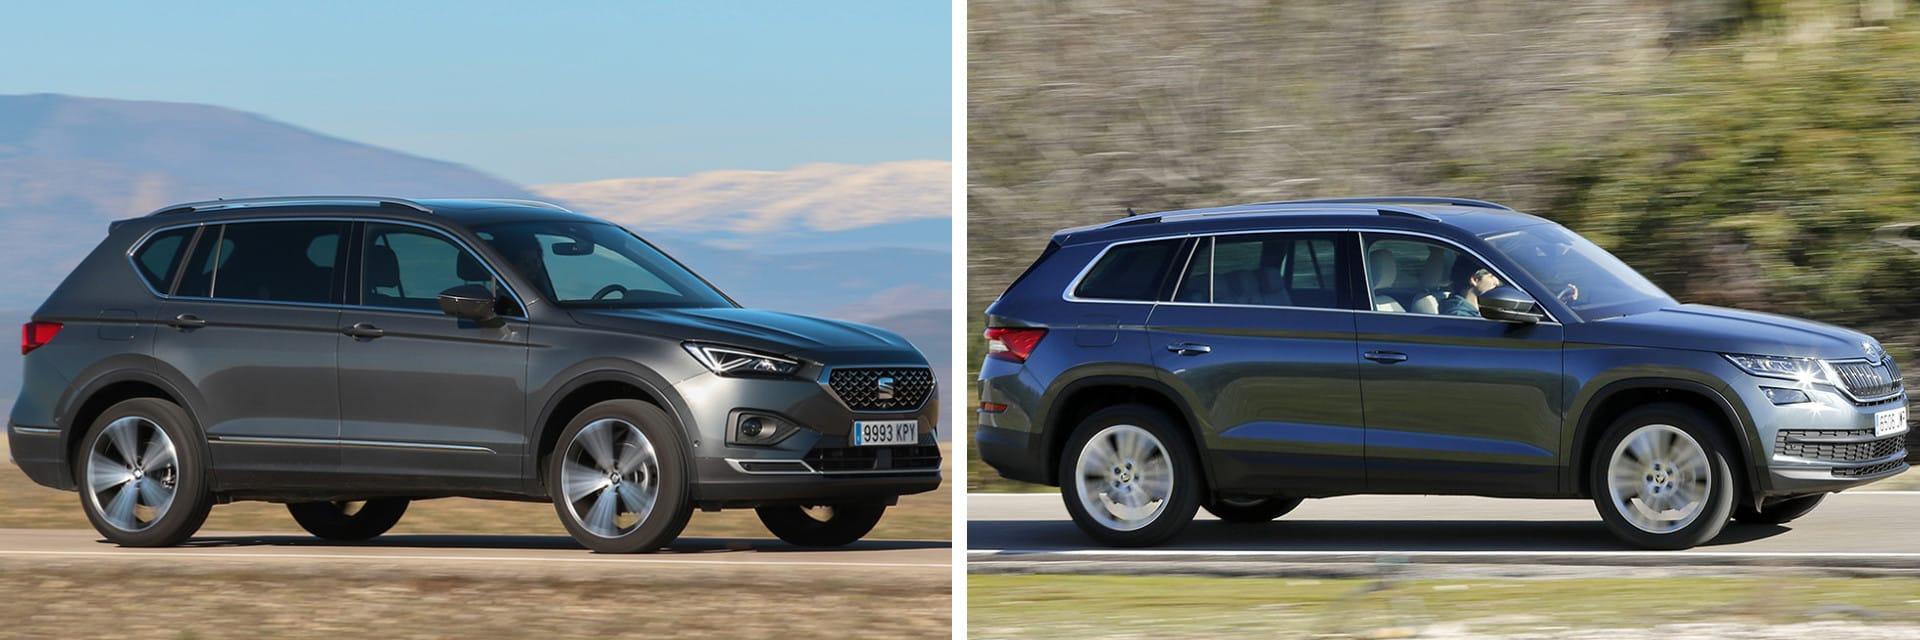 Las fotos del SEAT Tarraco corresponden al acabado Xcellence y las del Škoda Kodiaq al Style. / km77